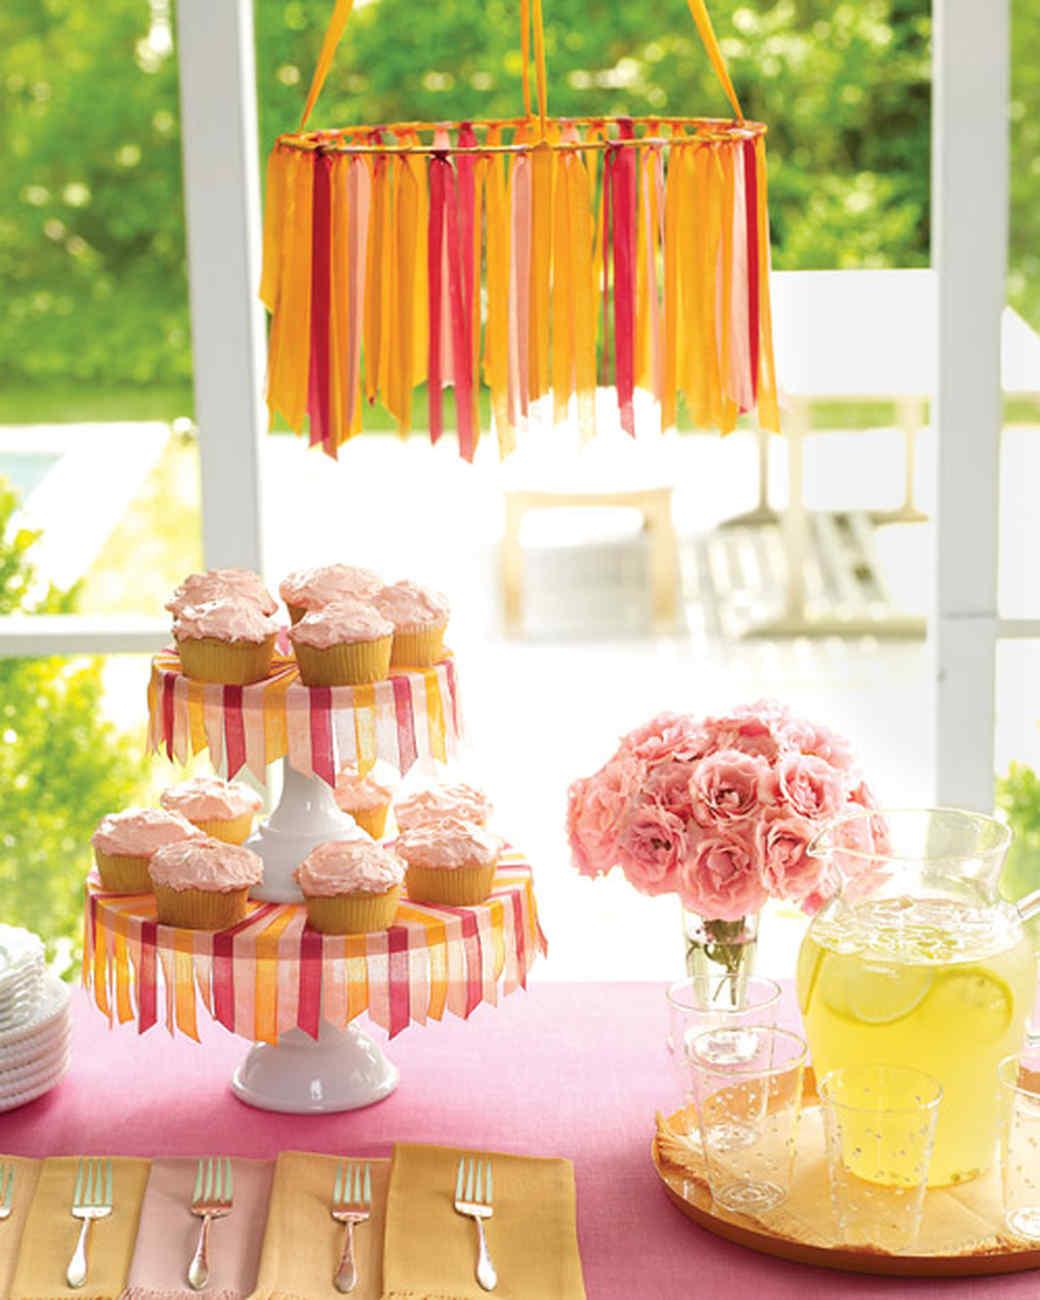 Best Baby Shower Decorations Part - 16: Martha Stewart